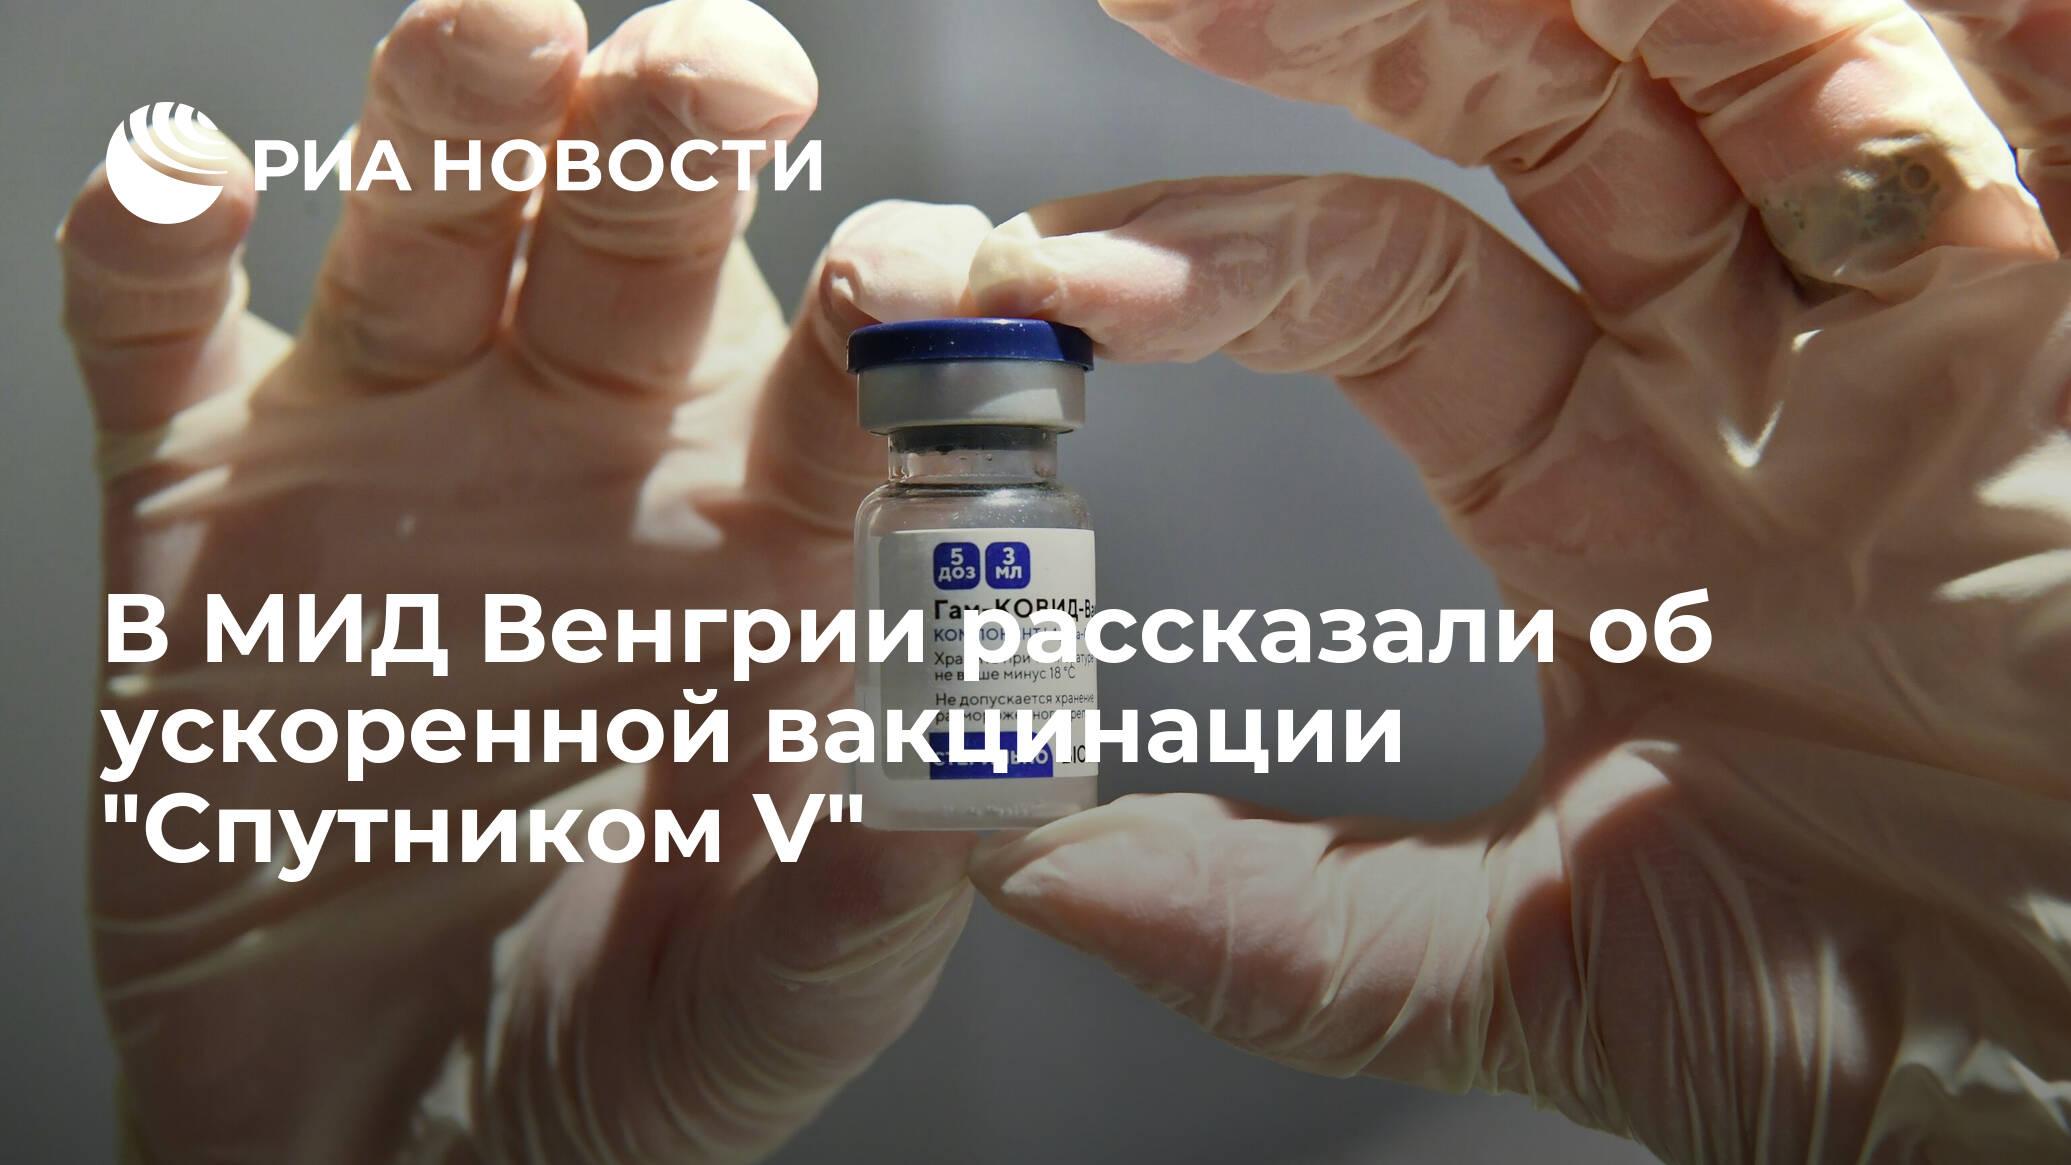 """В МИД Венгрии рассказали об ускоренной вакцинации """"Спутником V"""" - РИА Новости, 22.01.2021"""